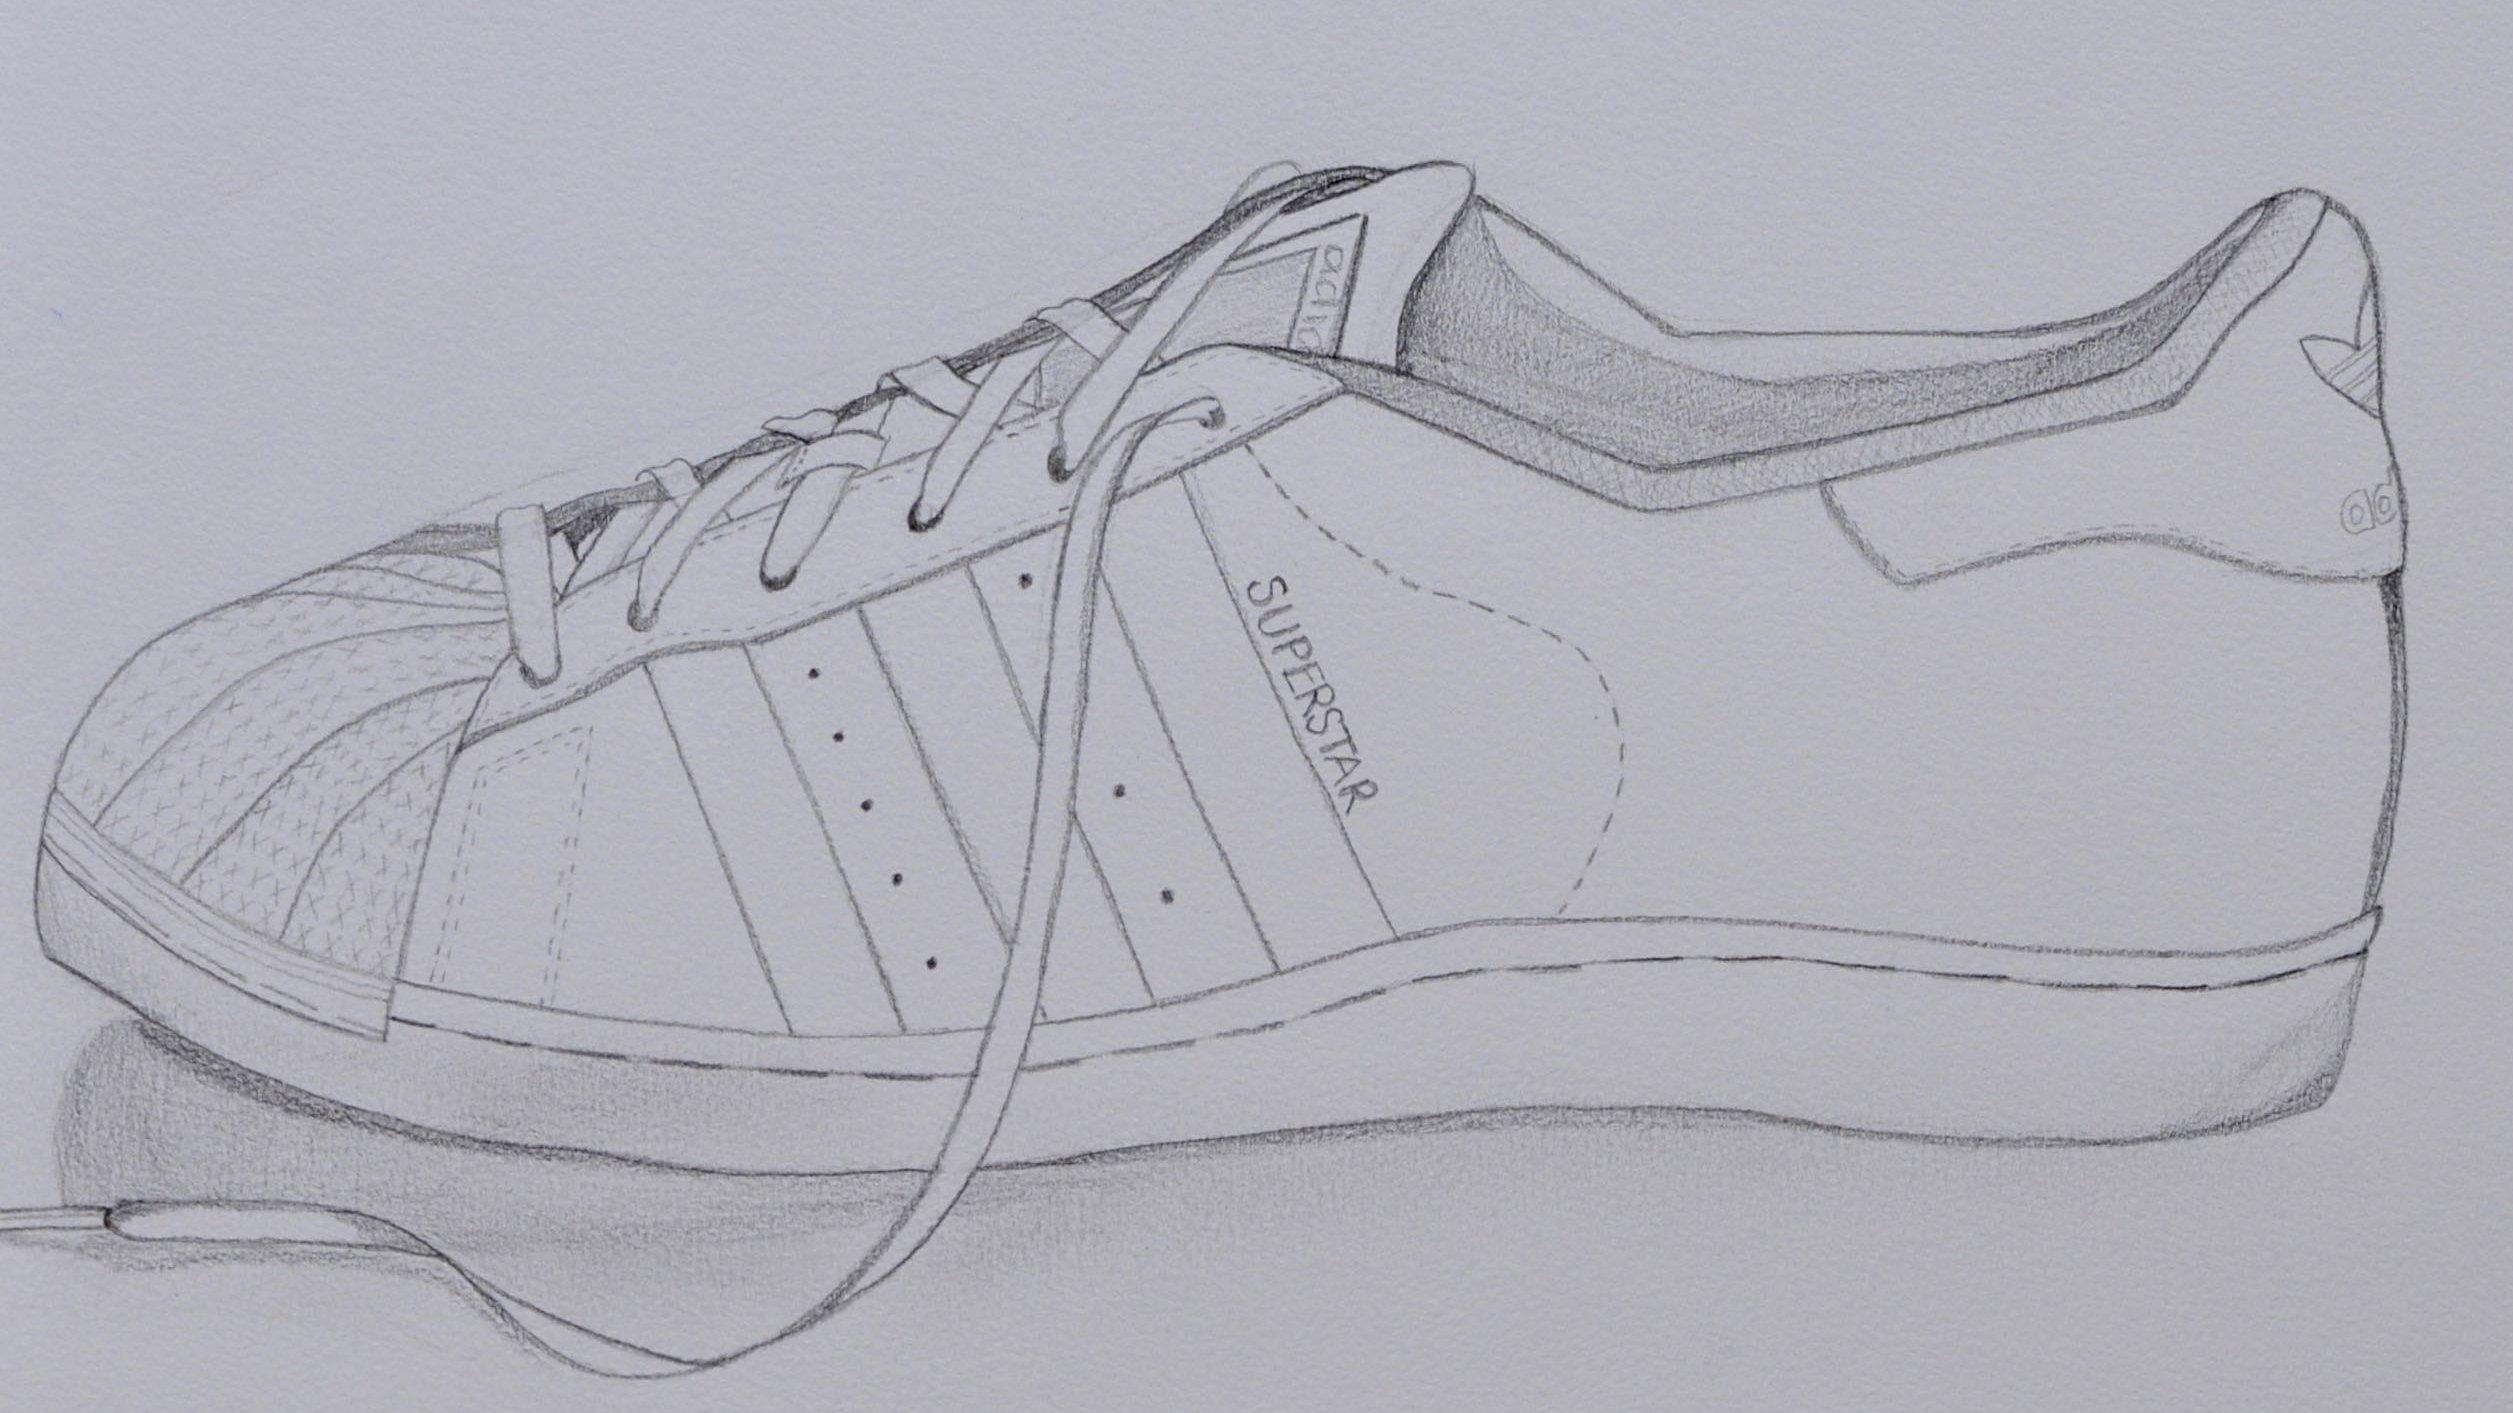 Iagttagelsestegning af en adidassko. Der er brugt blyant og skitsepapir.